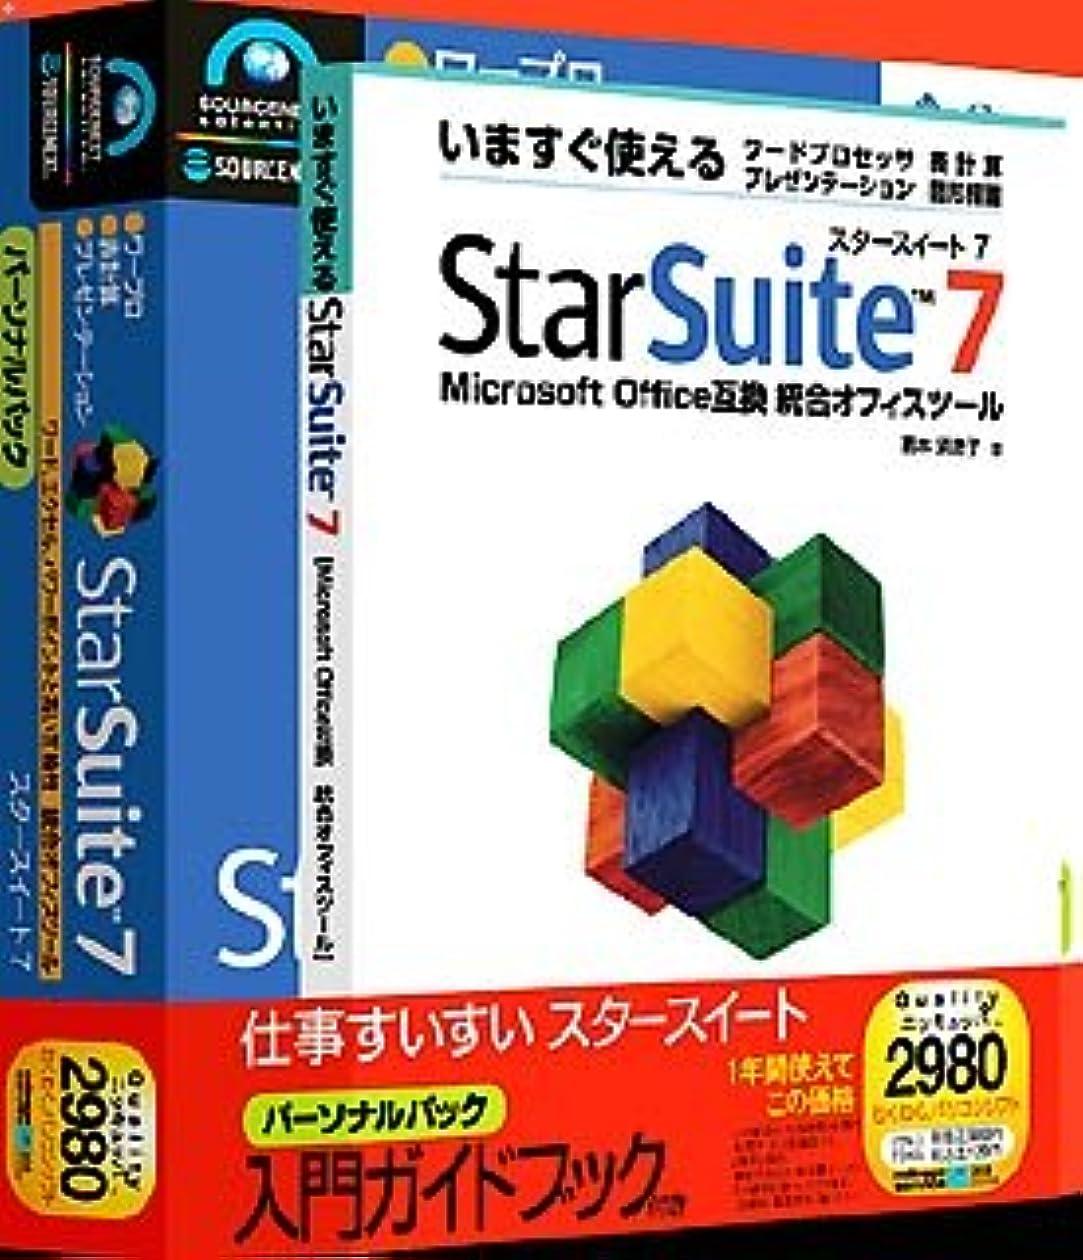 必須フィールド復活するStarSuite 7 パーソナルパック ガイドブック付き